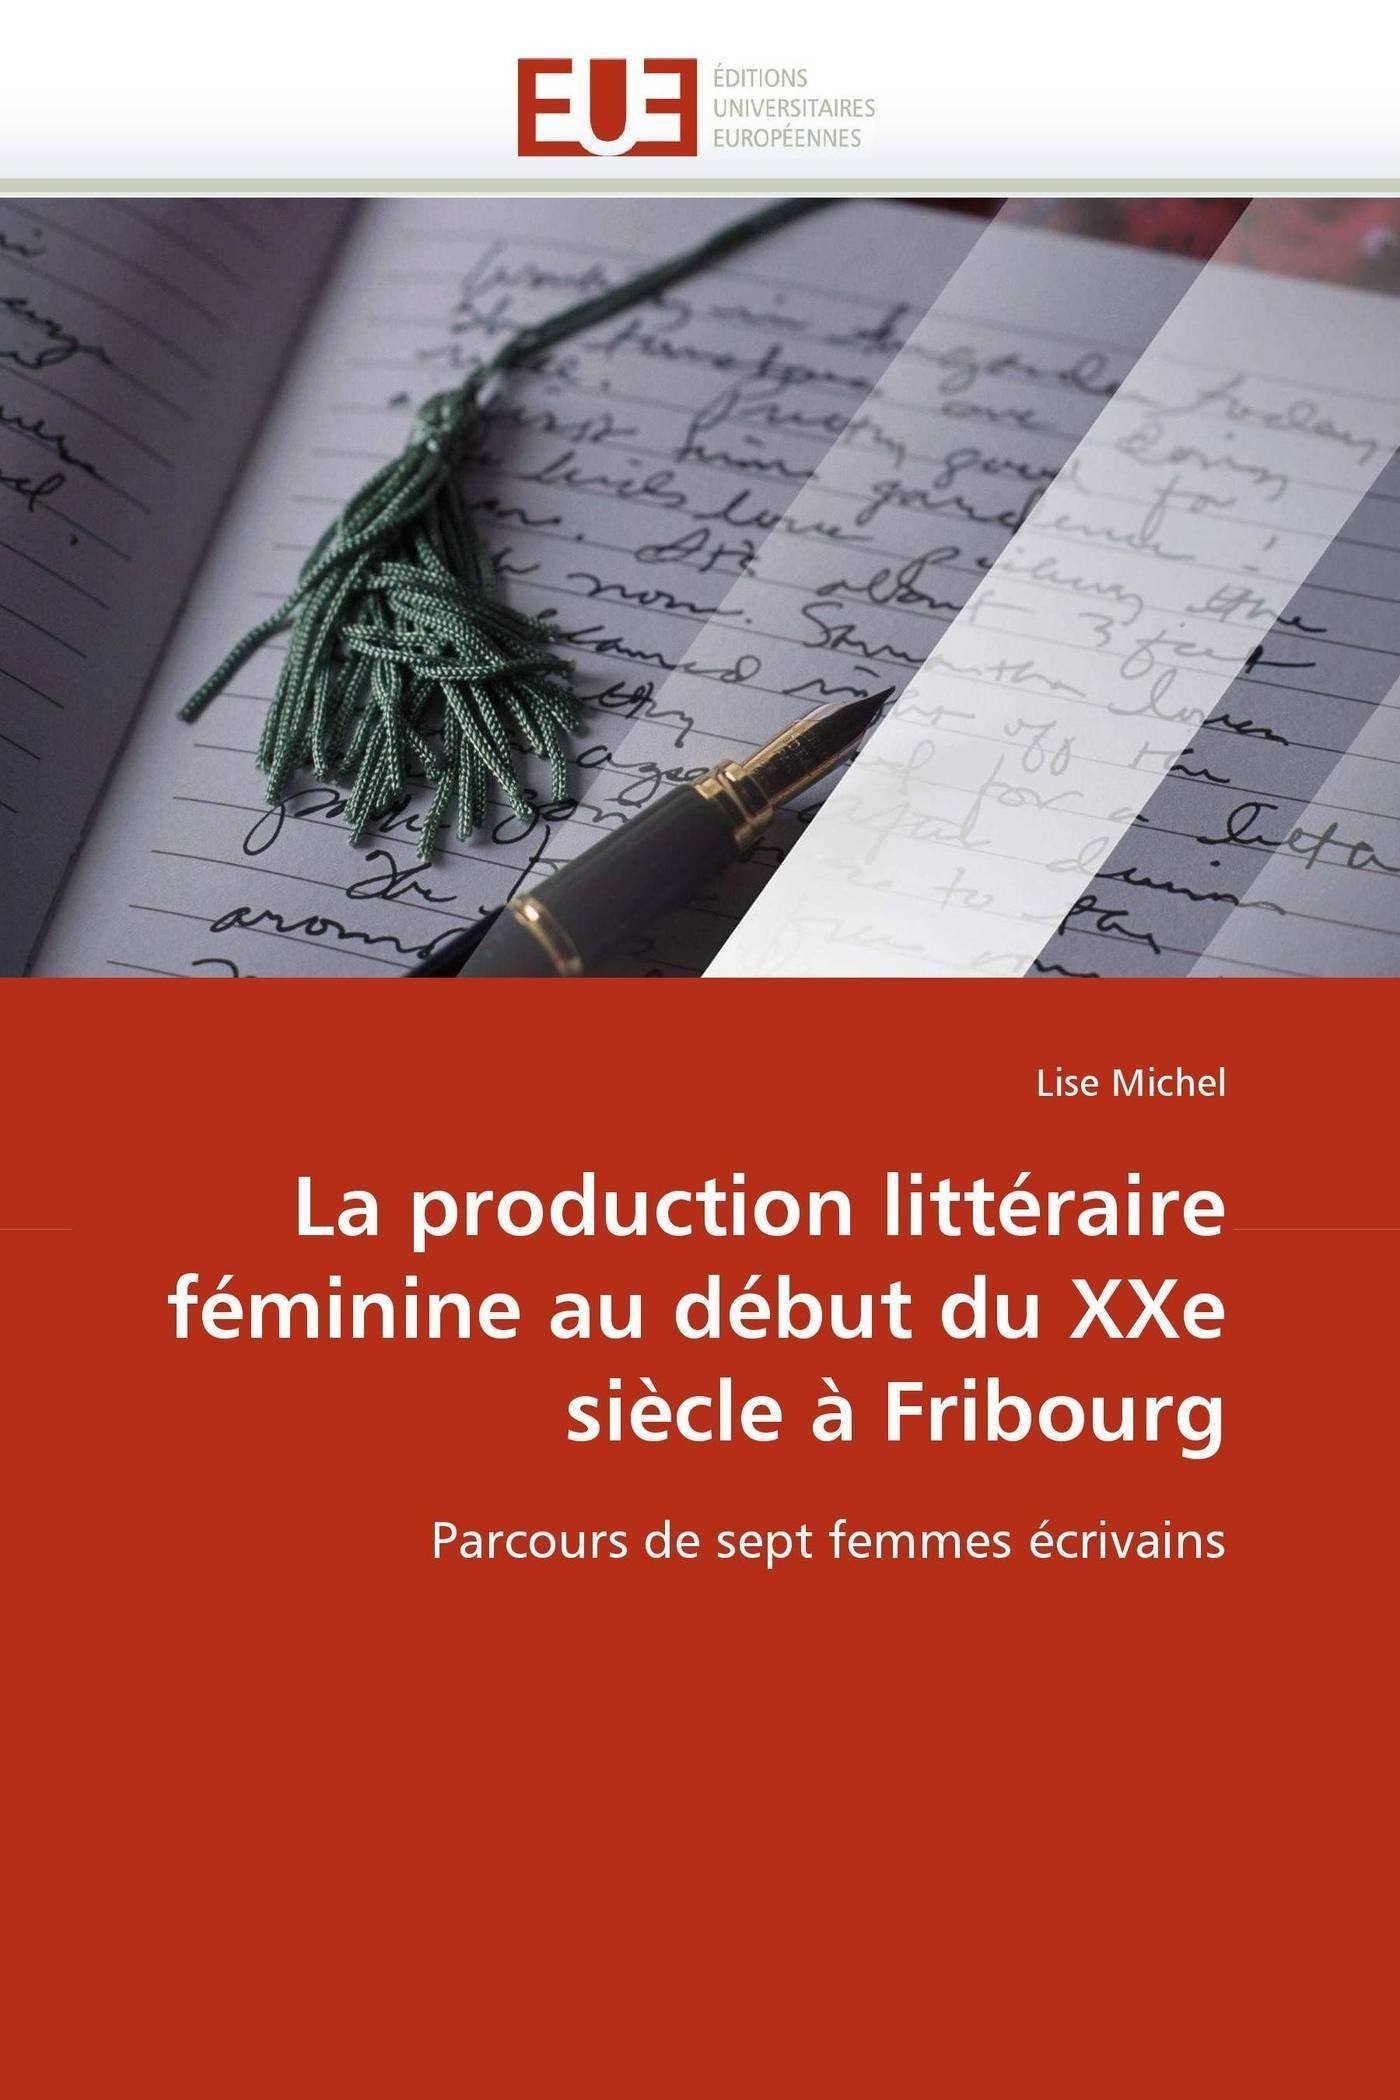 La production littéraire féminine au début du XXe siècle à Fribourg: Parcours de sept femmes écrivains (Omn.Univ.Europ.) (French Edition) PDF